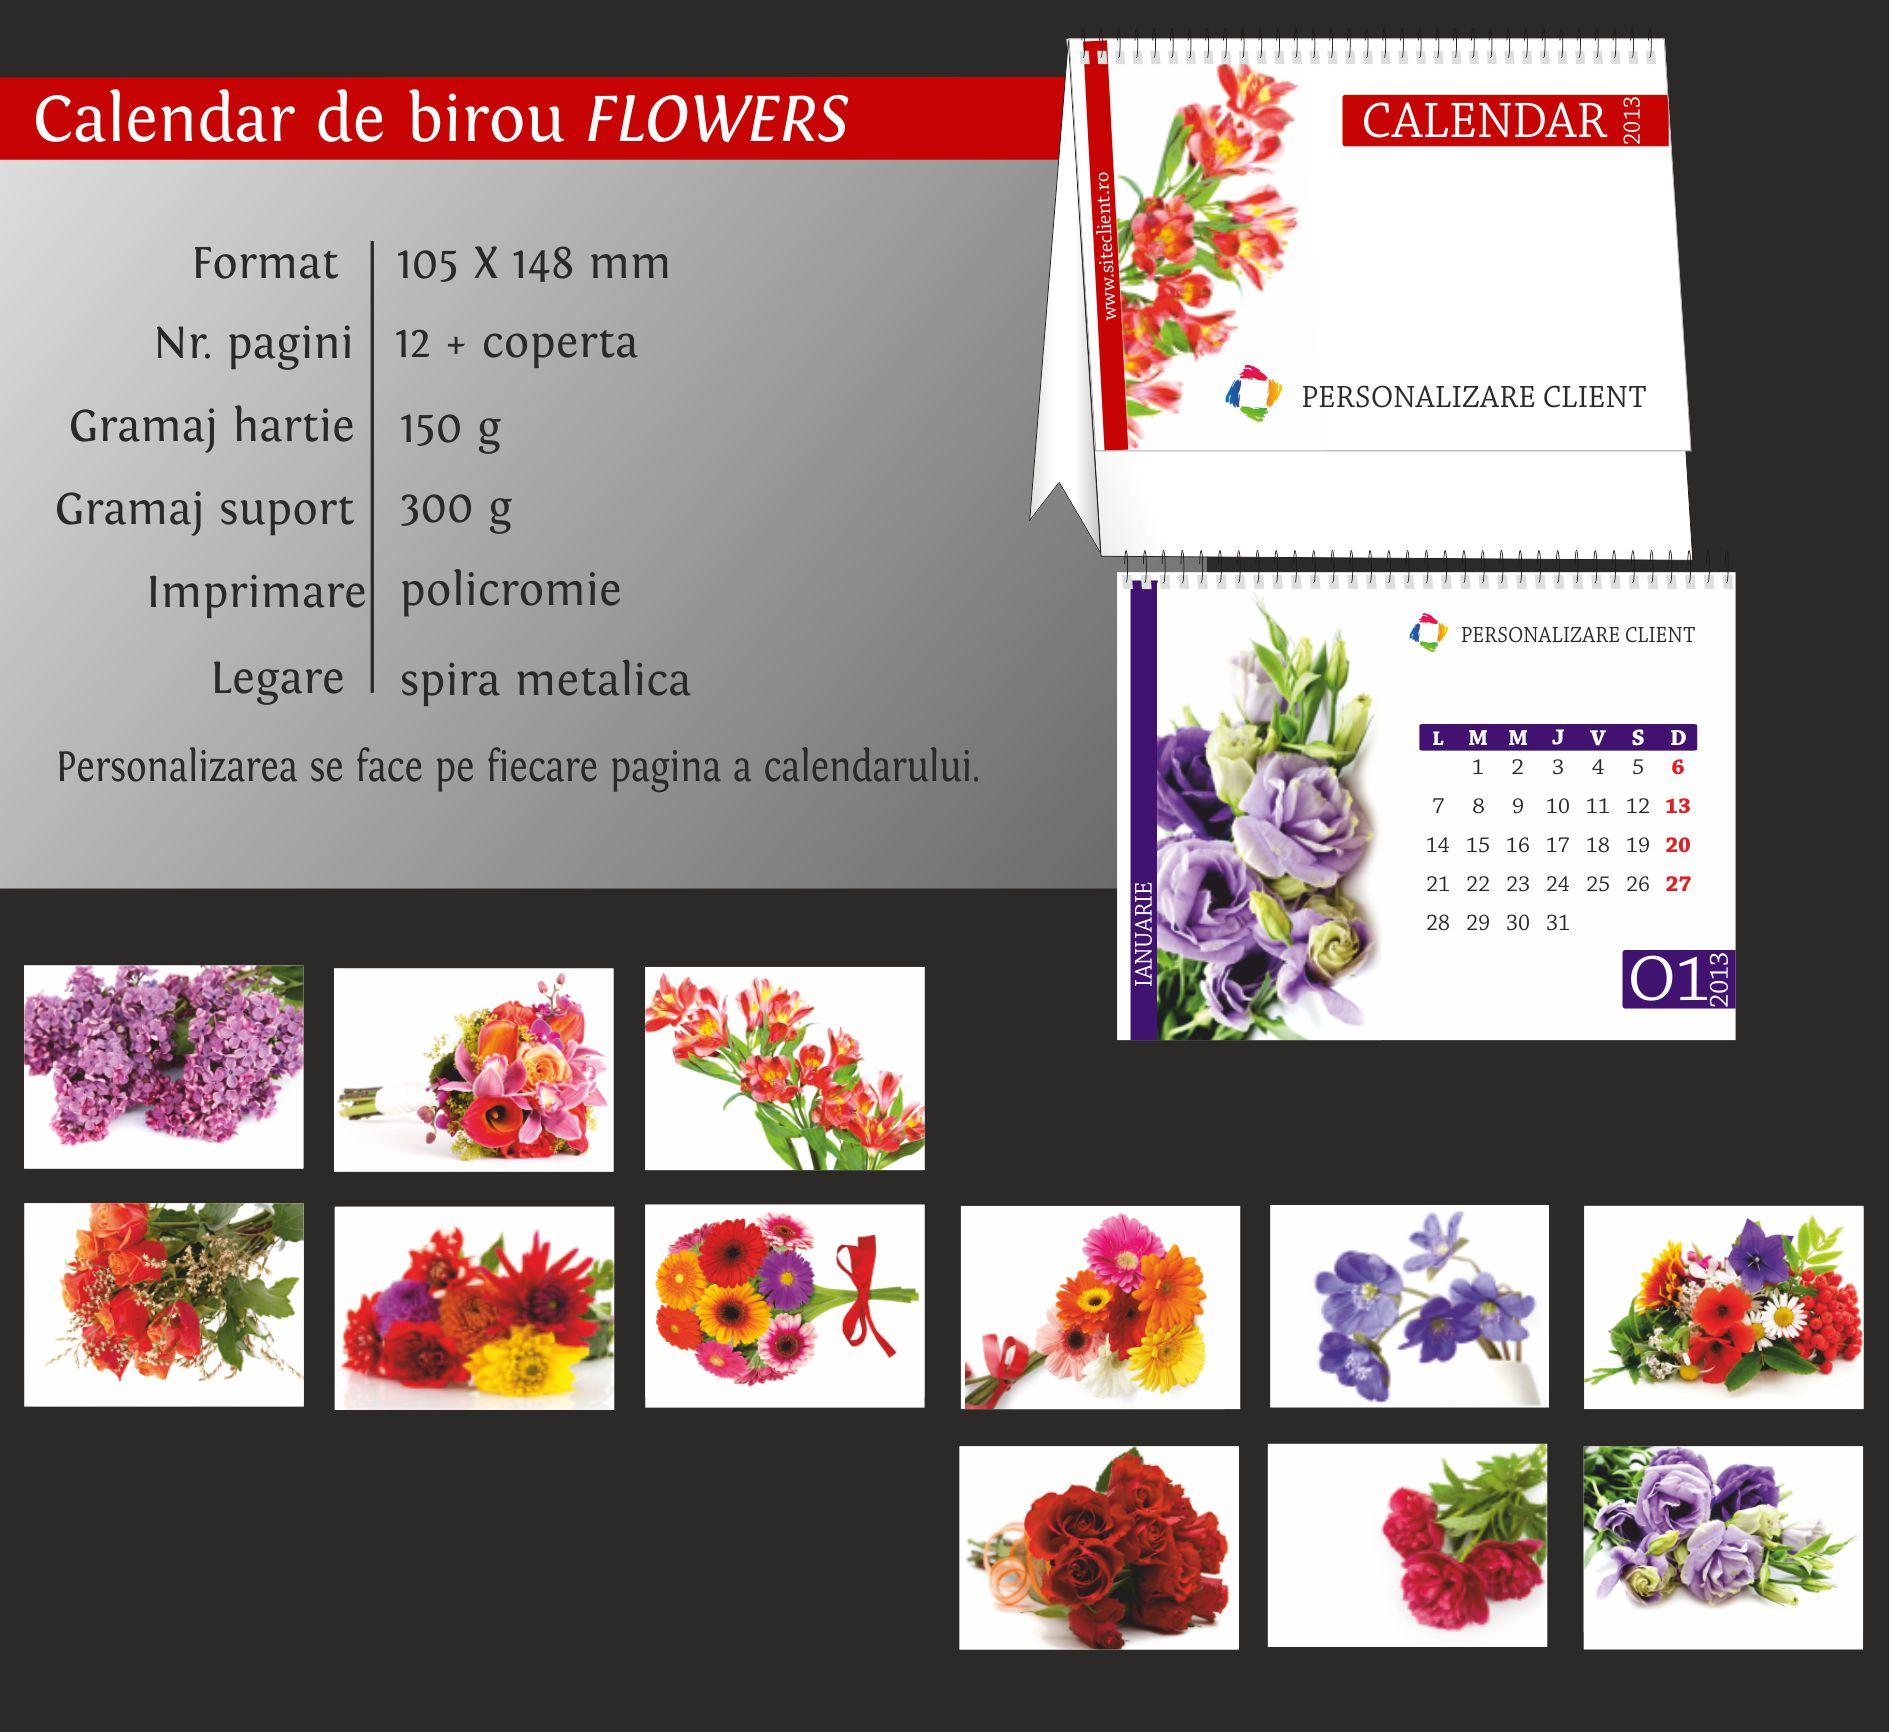 calendar birou flowers